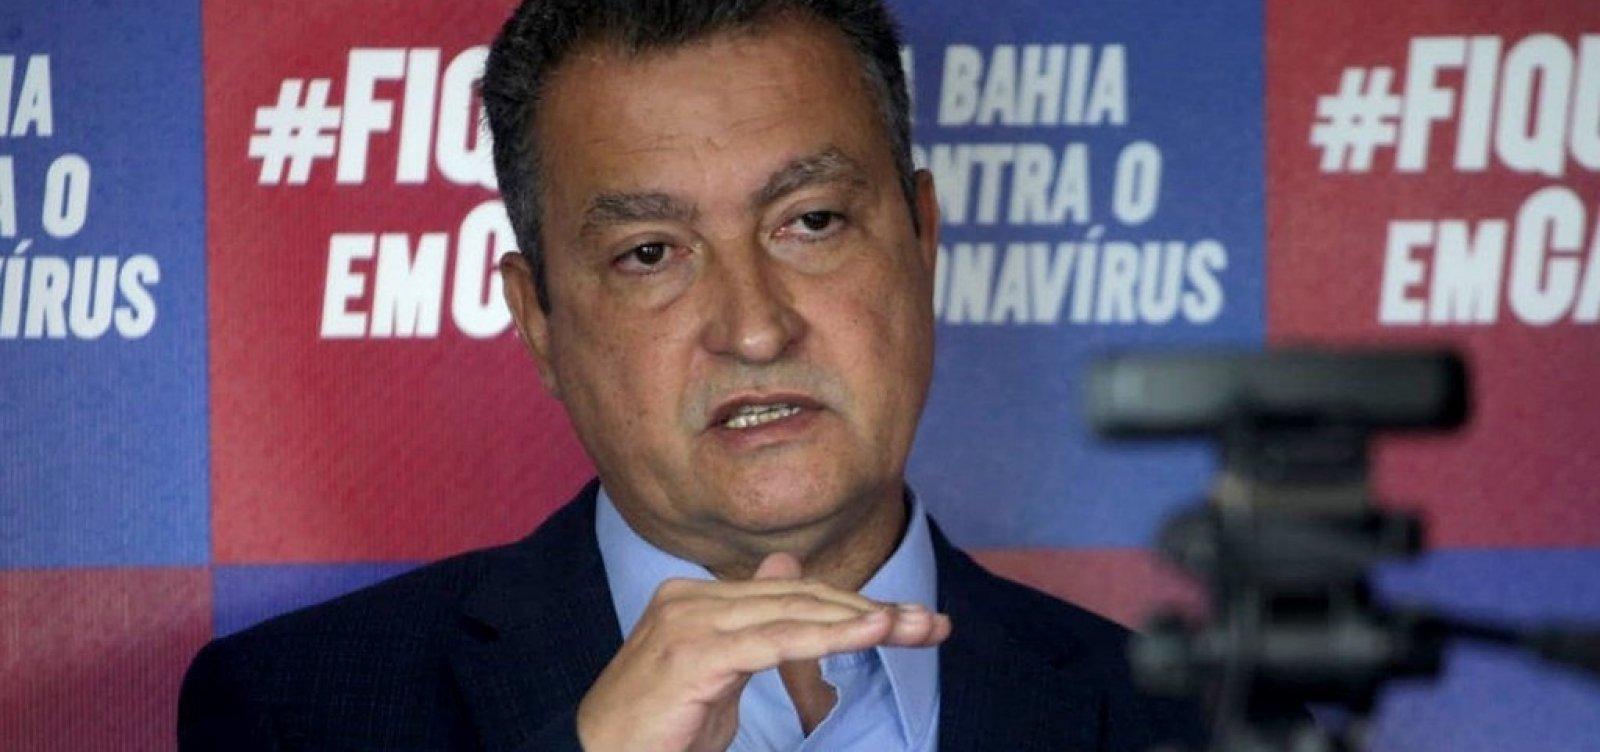 [Oito municípios baianos têm taxa de crescimento da Covid-19 acima de 100%, diz governador]